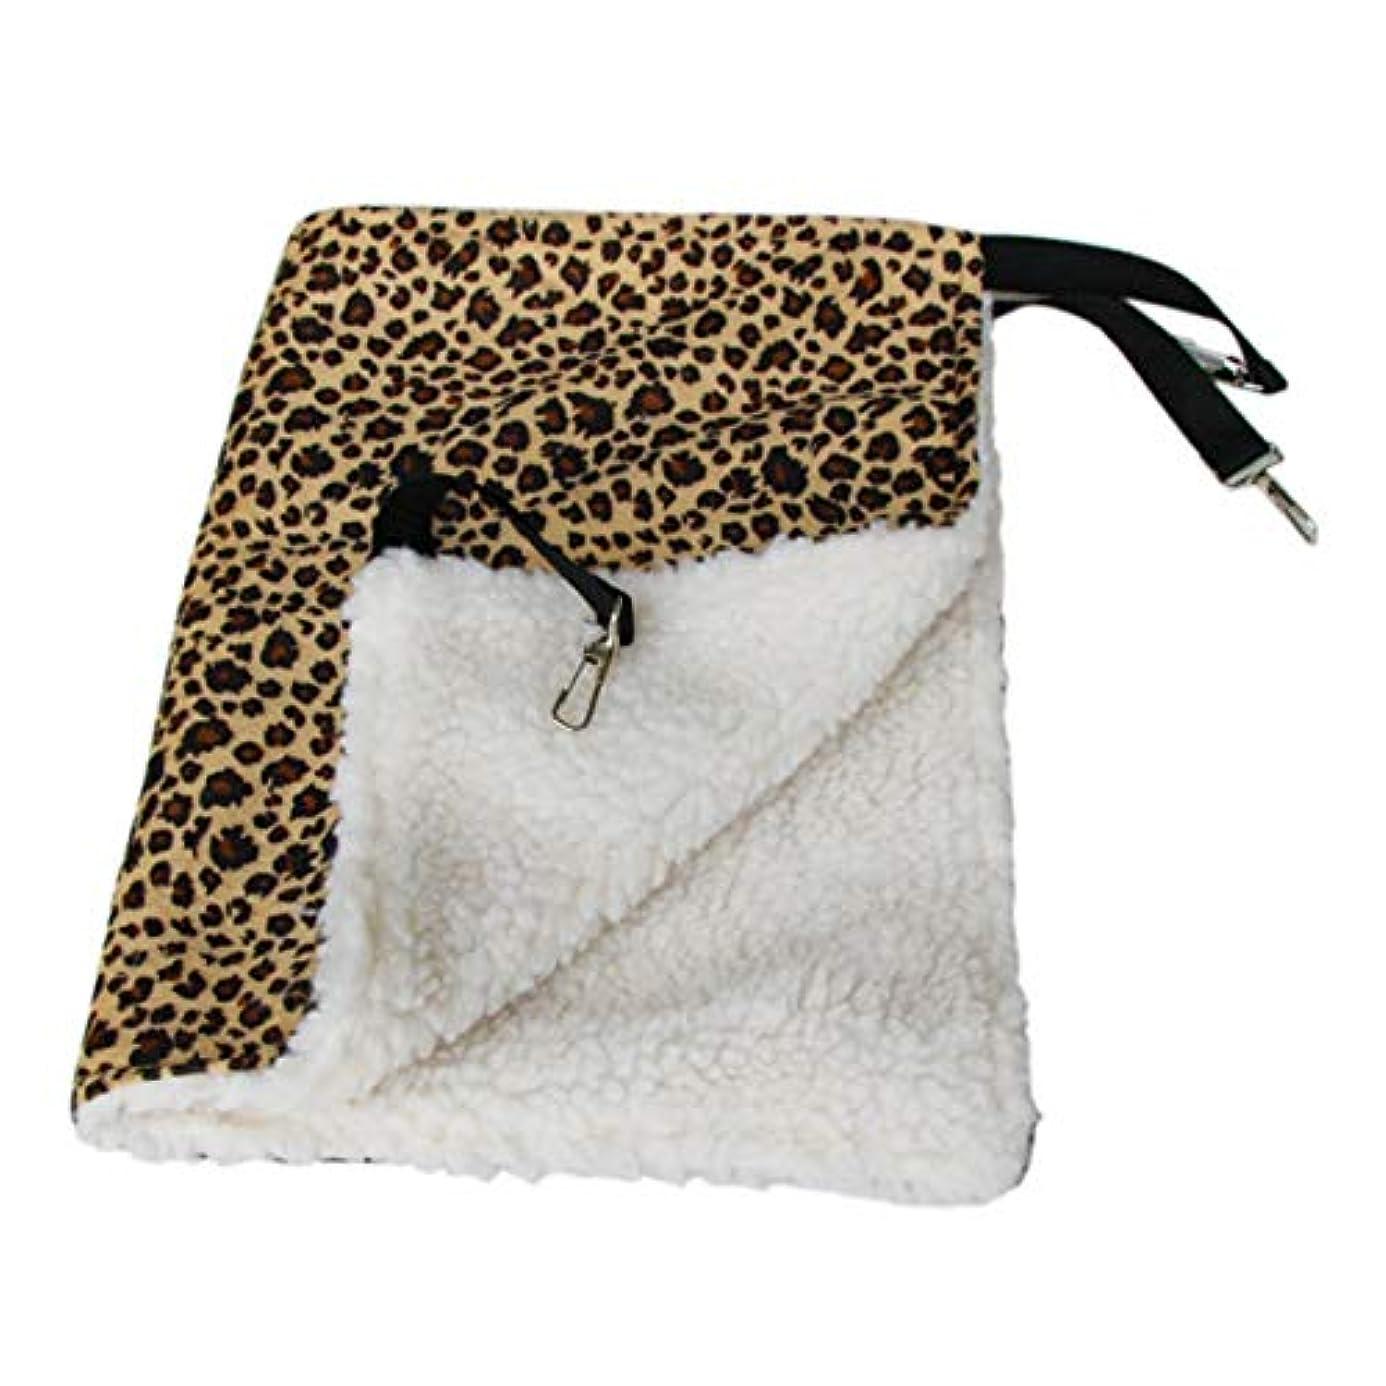 深い建物高さSaikogoods 暖かいハンギング猫ベッドマットソフトキャットハンモック冬ハンモックペット子猫ケージベッドカバークッションエアベッドペット 黄 L